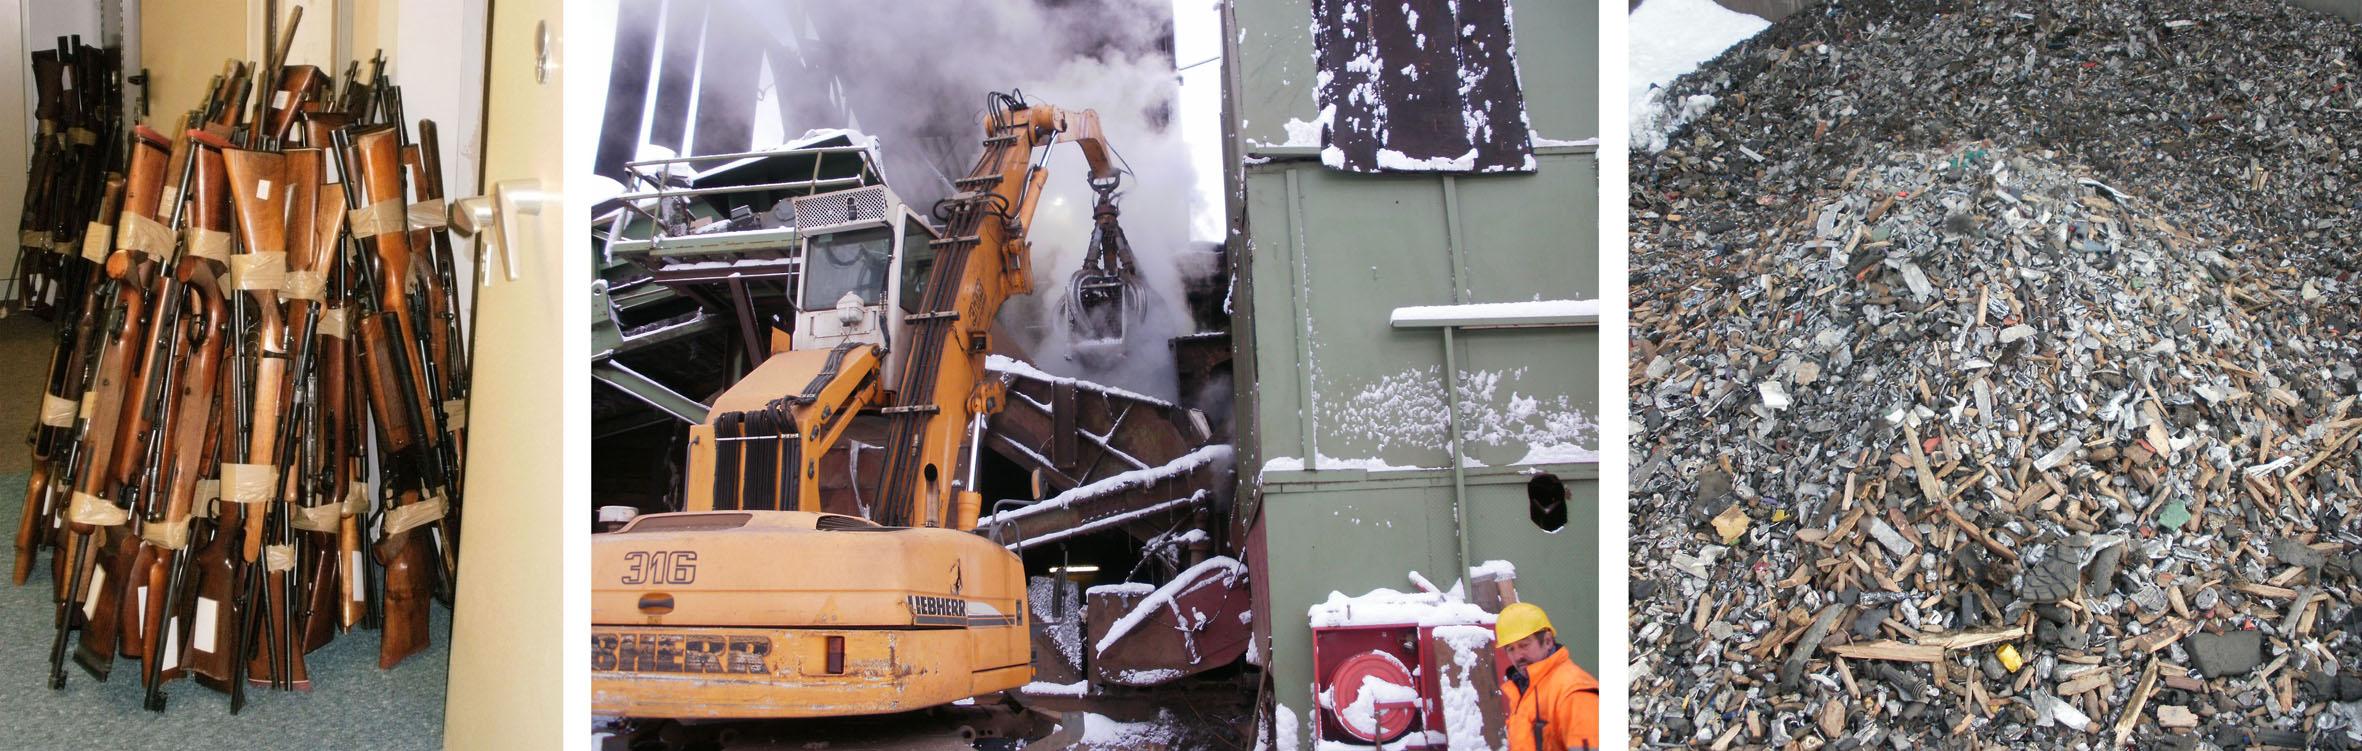 Die drei Wege der Waffen. Erstens: zur Vernichtung abgegeben, zweitens: der Schredder-Anlage zugeführt, wo sie, drittens: zerstört wurden.